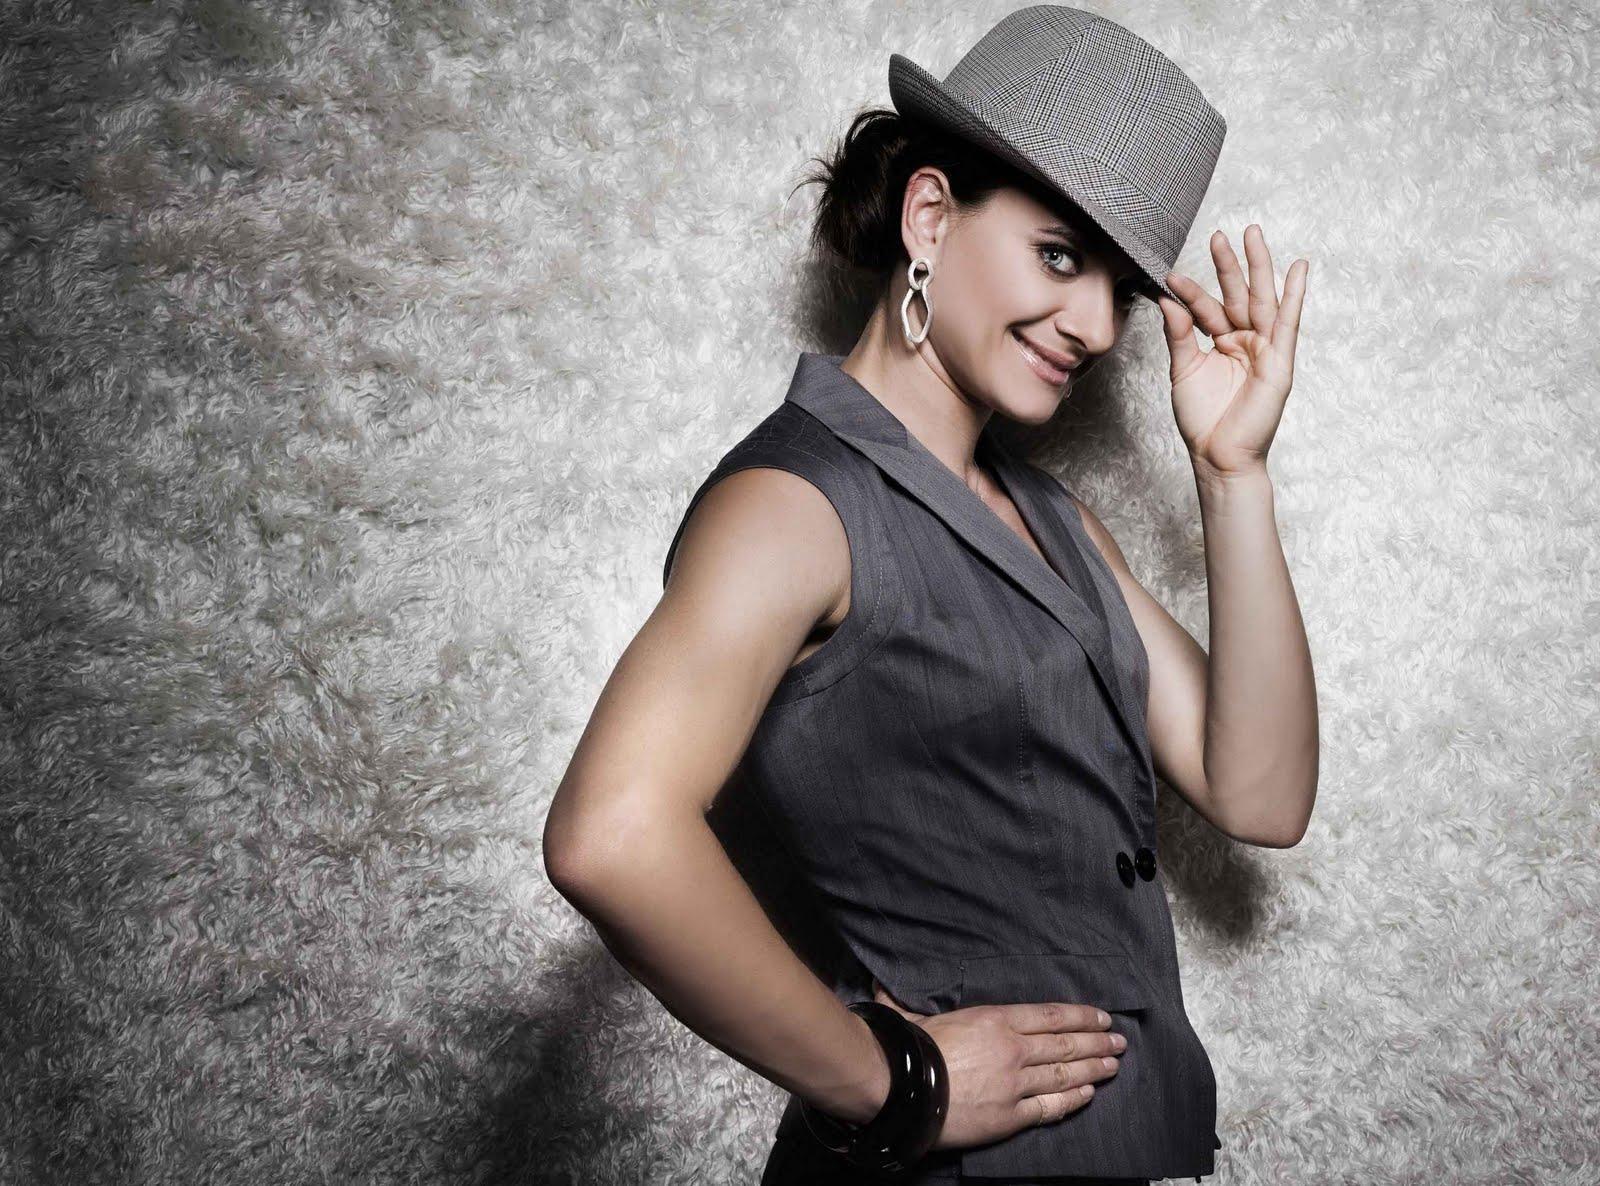 http://2.bp.blogspot.com/-Wv7Zrf_zTyE/Tejx3p4ALZI/AAAAAAAACwQ/0es6HS1QcoA/s1600/Yelena+Isinbayeva+Hot+Photoshoot+4.jpg